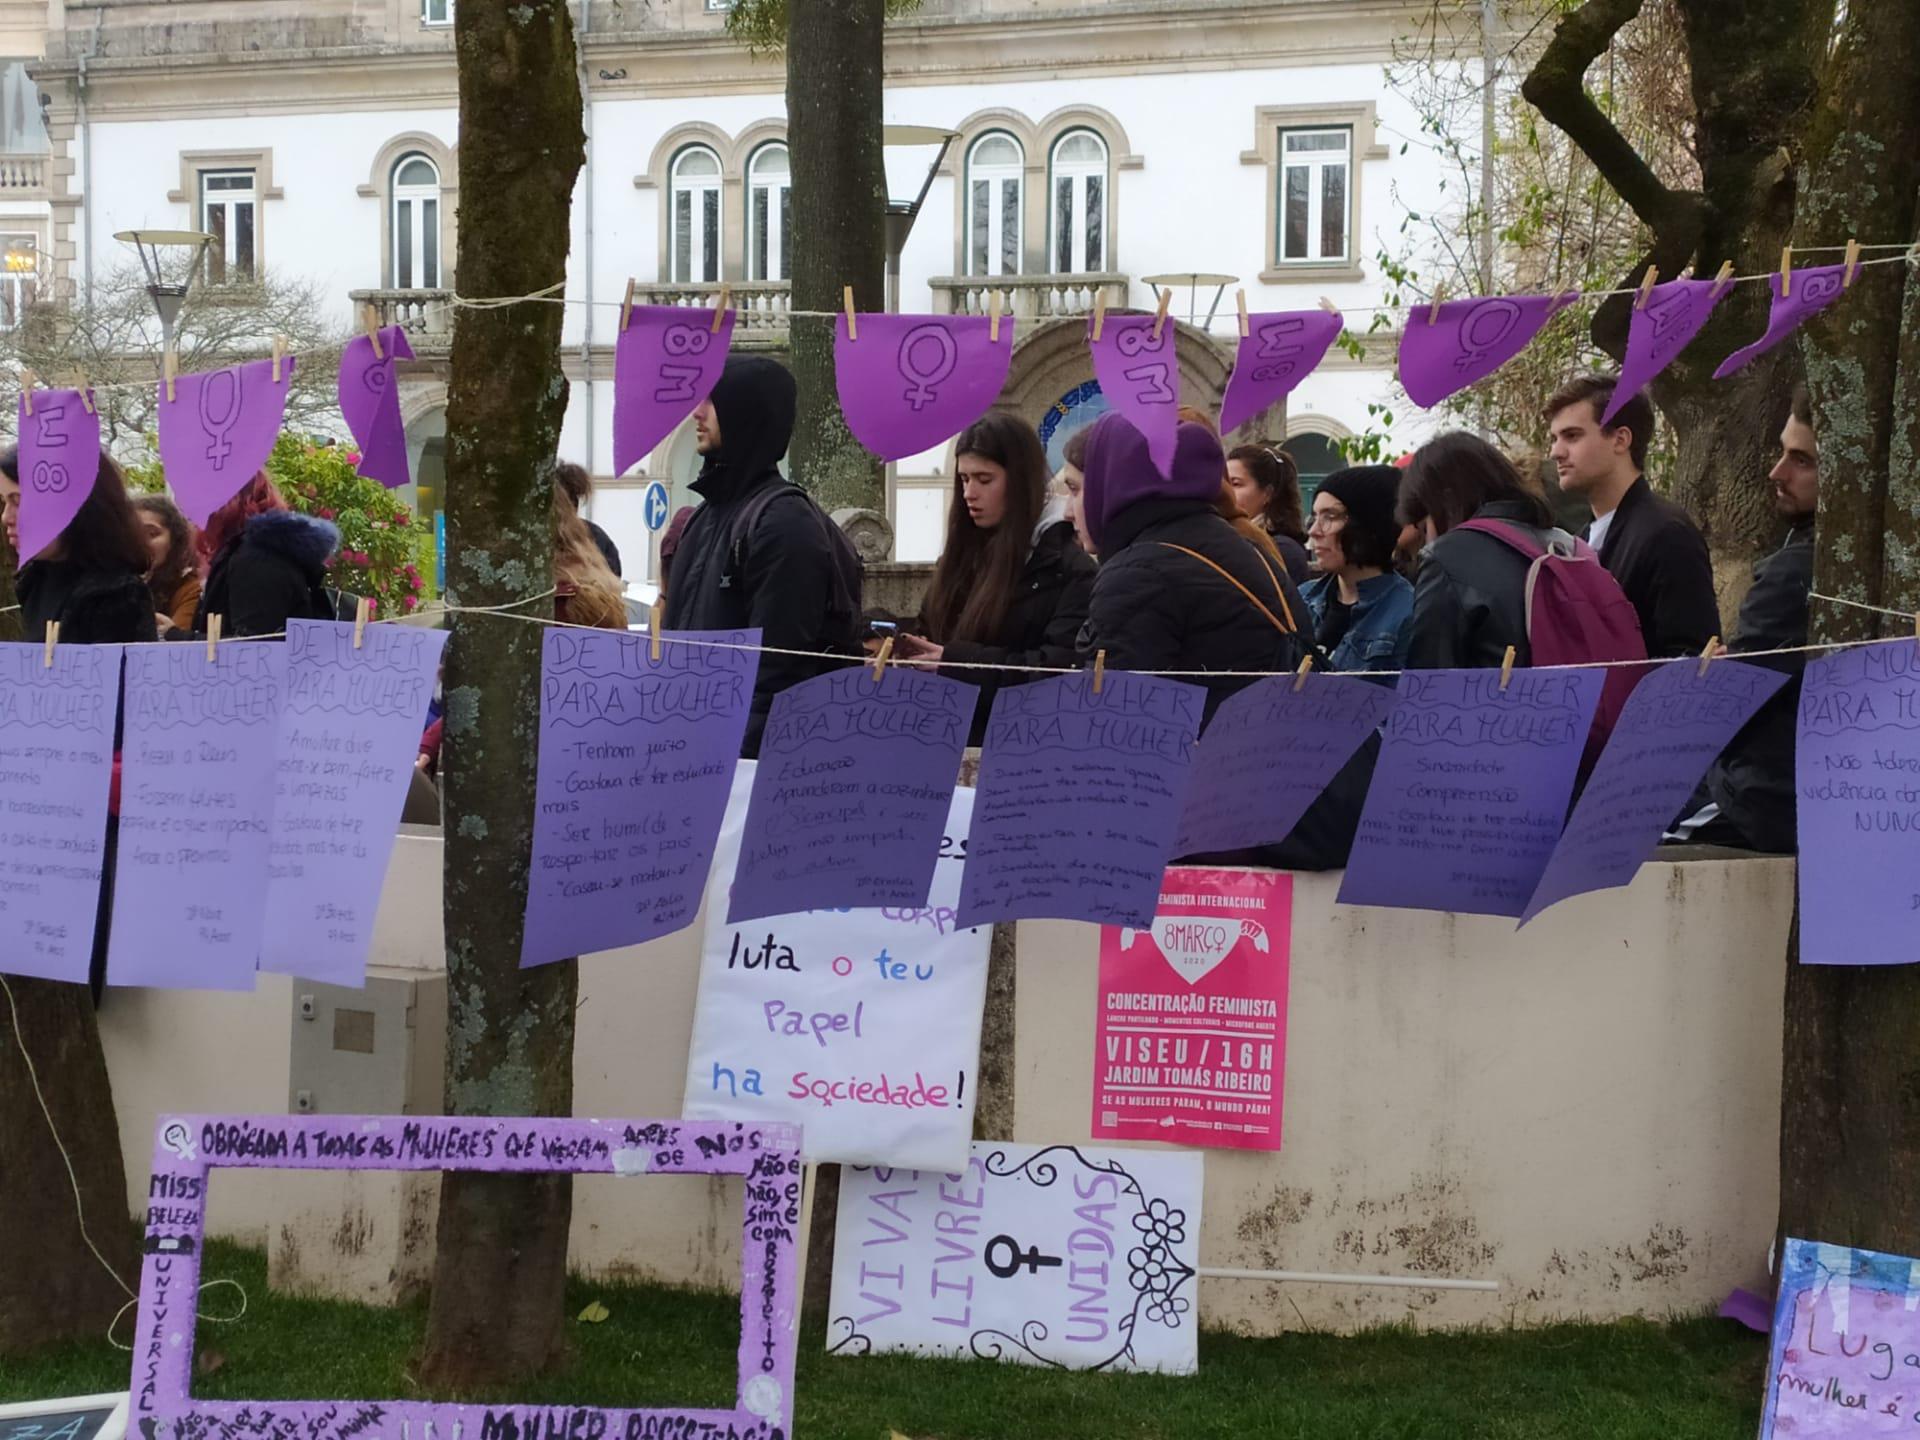 Concentrações Feministas em Vila Real e Viseu apesar do frio e chuva